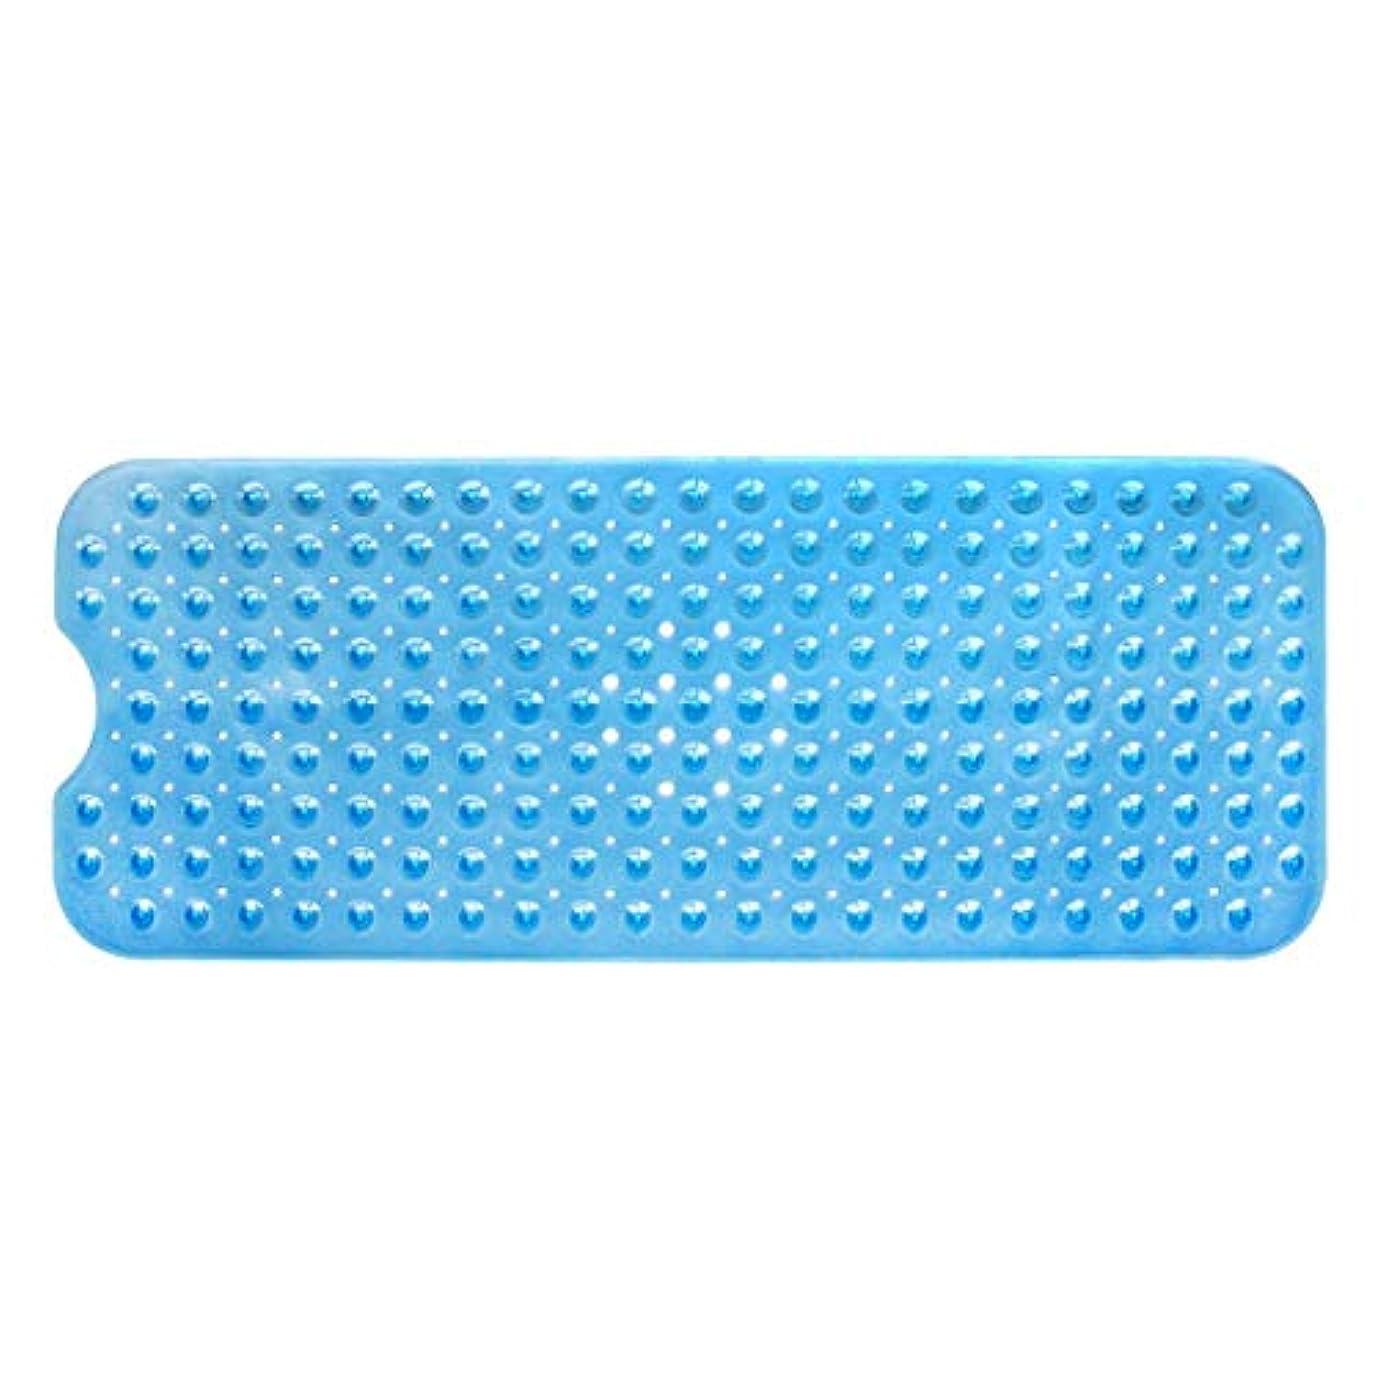 イベント揮発性カートンSwiftgood エクストラロングバスタブマットカビ抵抗性滑り止めバスマット洗濯機用浴室用洗えるPVCシャワーマット15.7